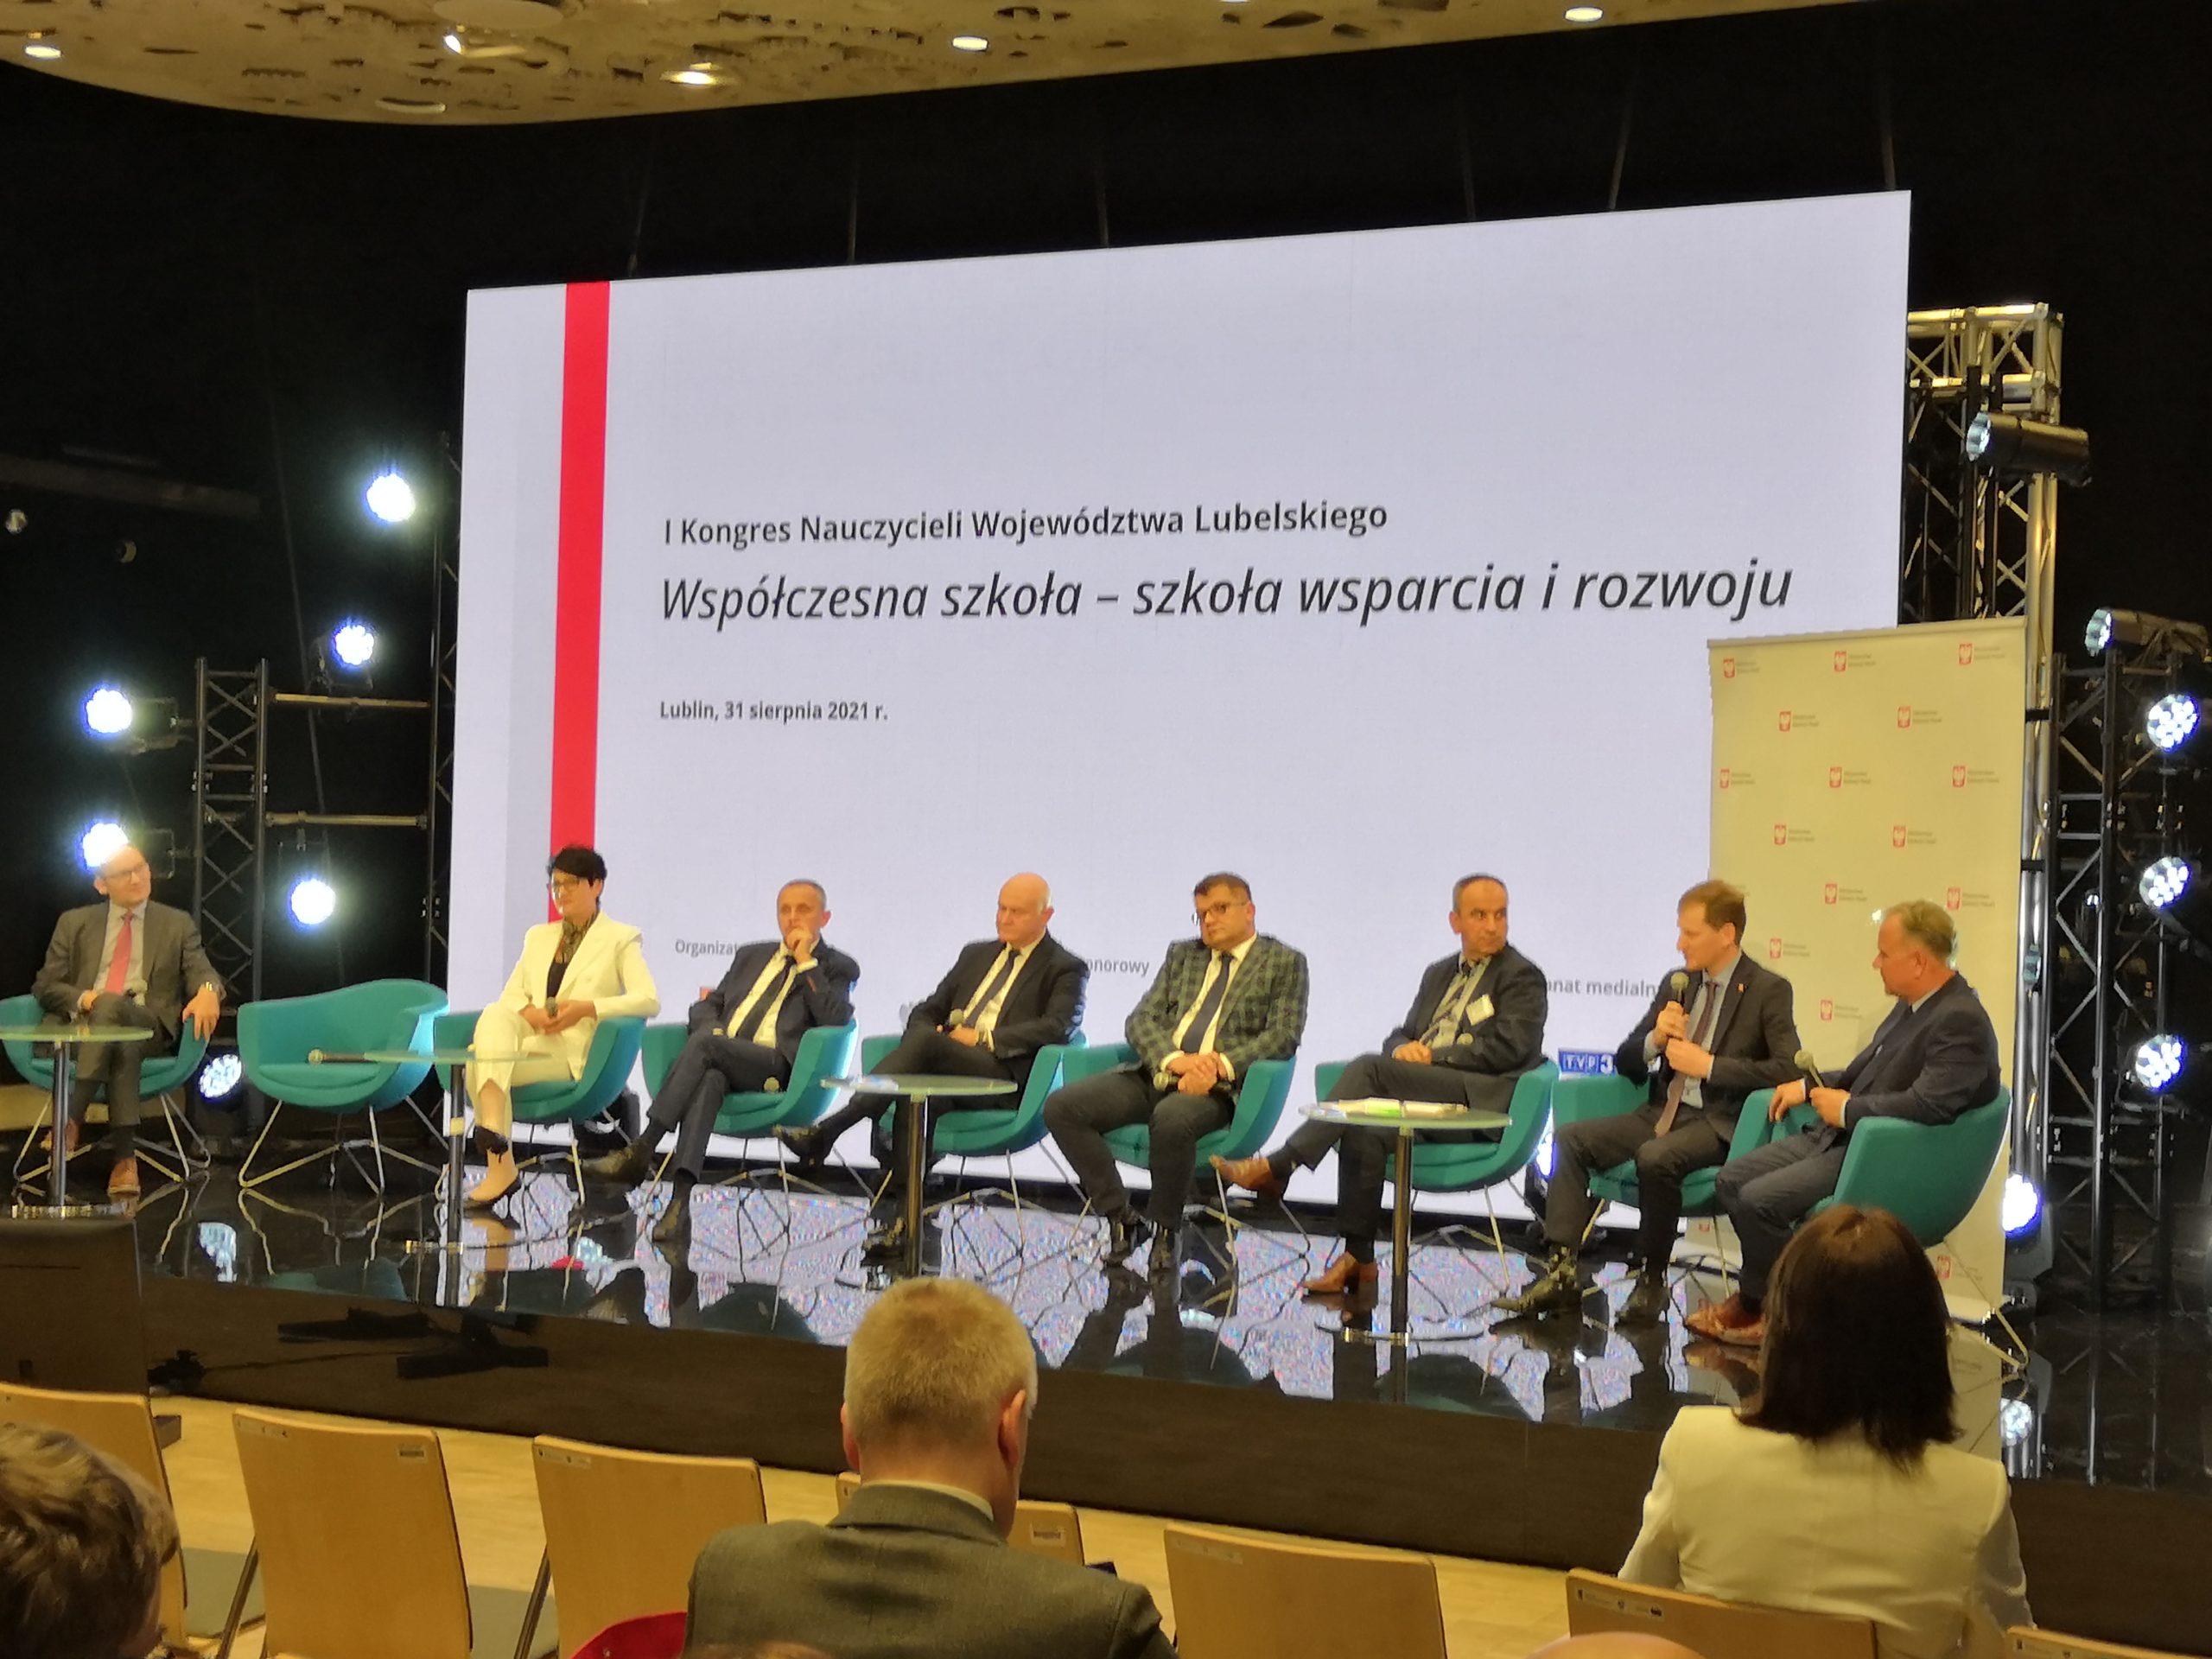 IBE na I Kongresie Nauczycieli Województwa Lubelskiego